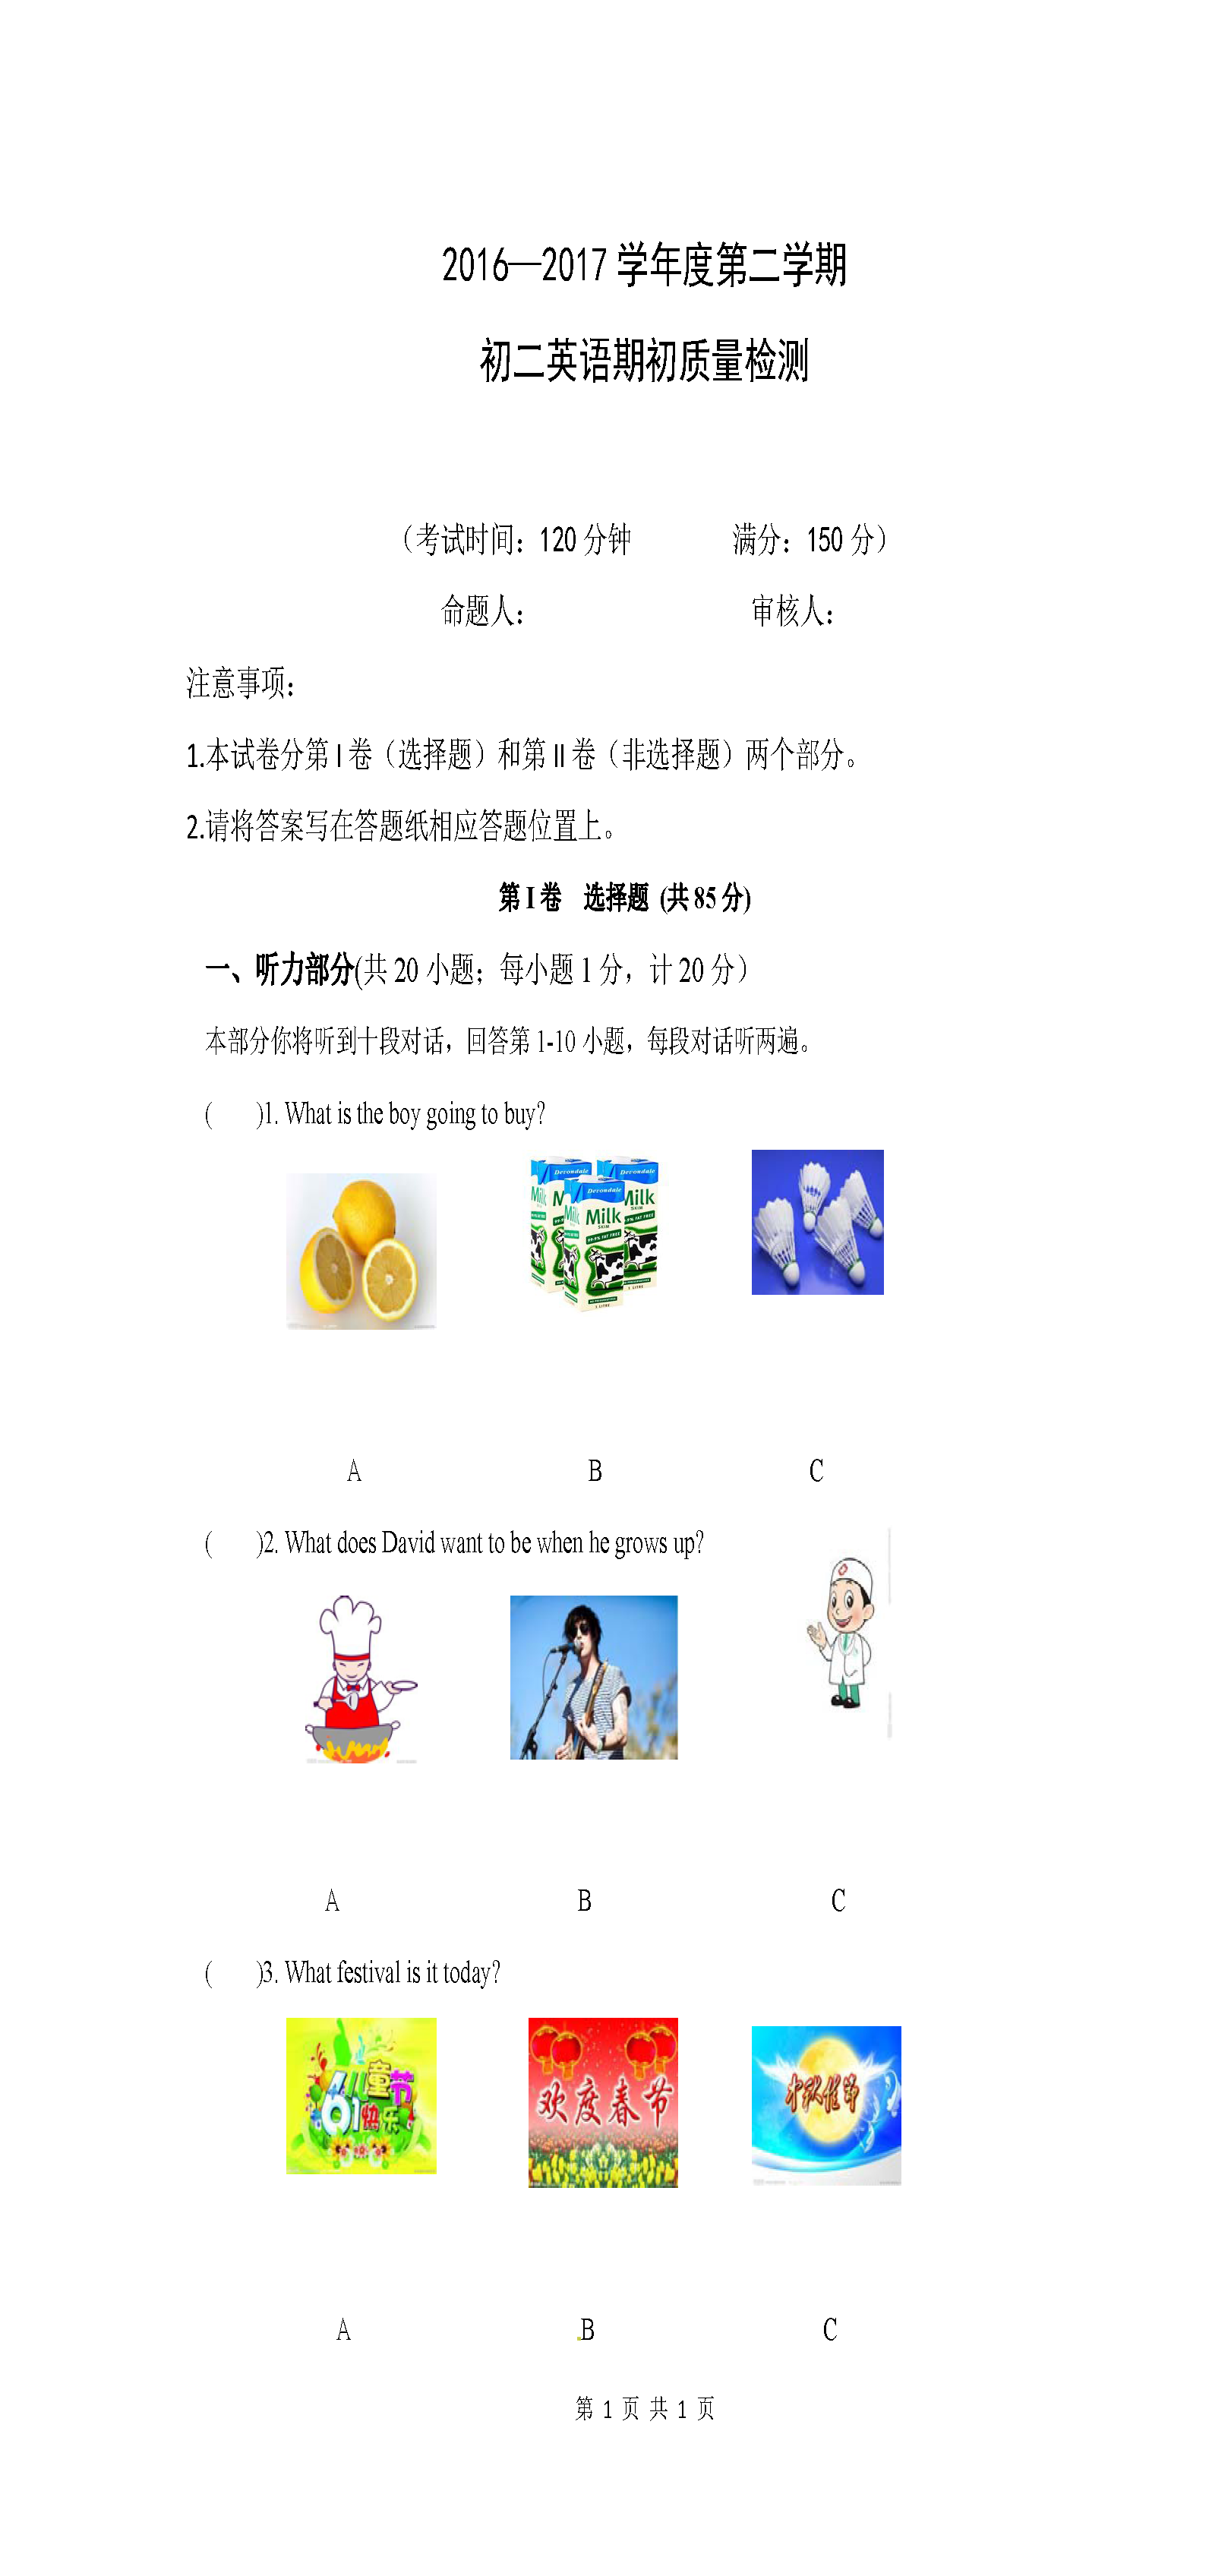 江苏泰兴南沙初级中学2016-2017八年级下英语第一次月度检测试题(图片版)